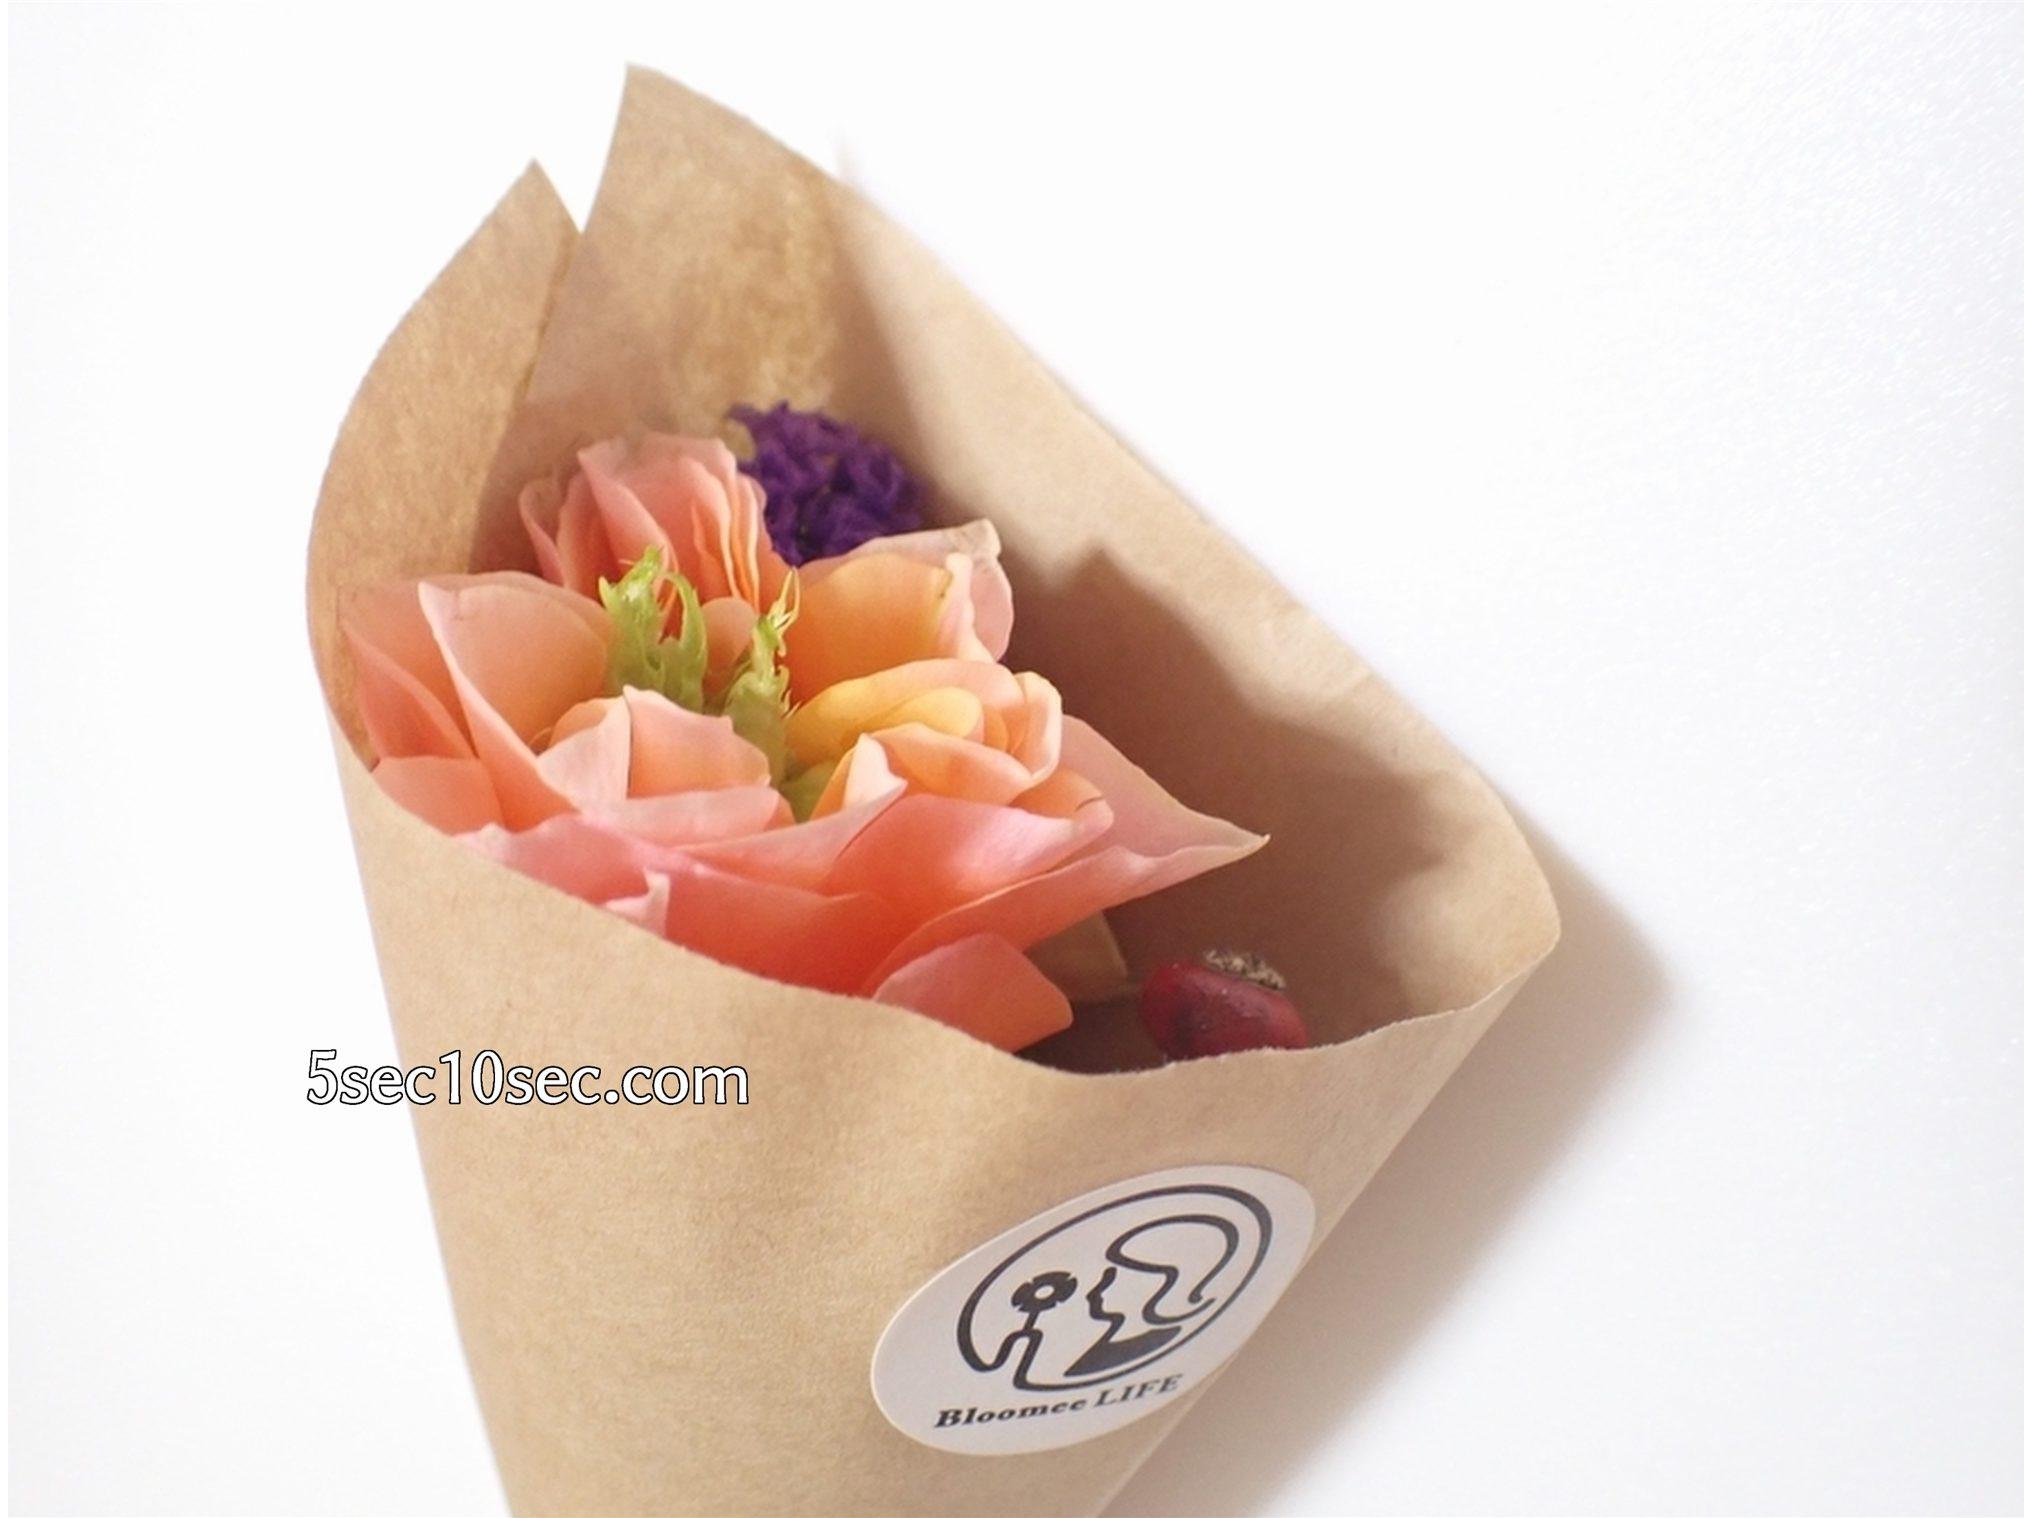 株式会社Crunch Style お花の定期便 Bloomee LIFE ブルーミーライフ 500円(税別・送料別)の体験プラン 花束の写真